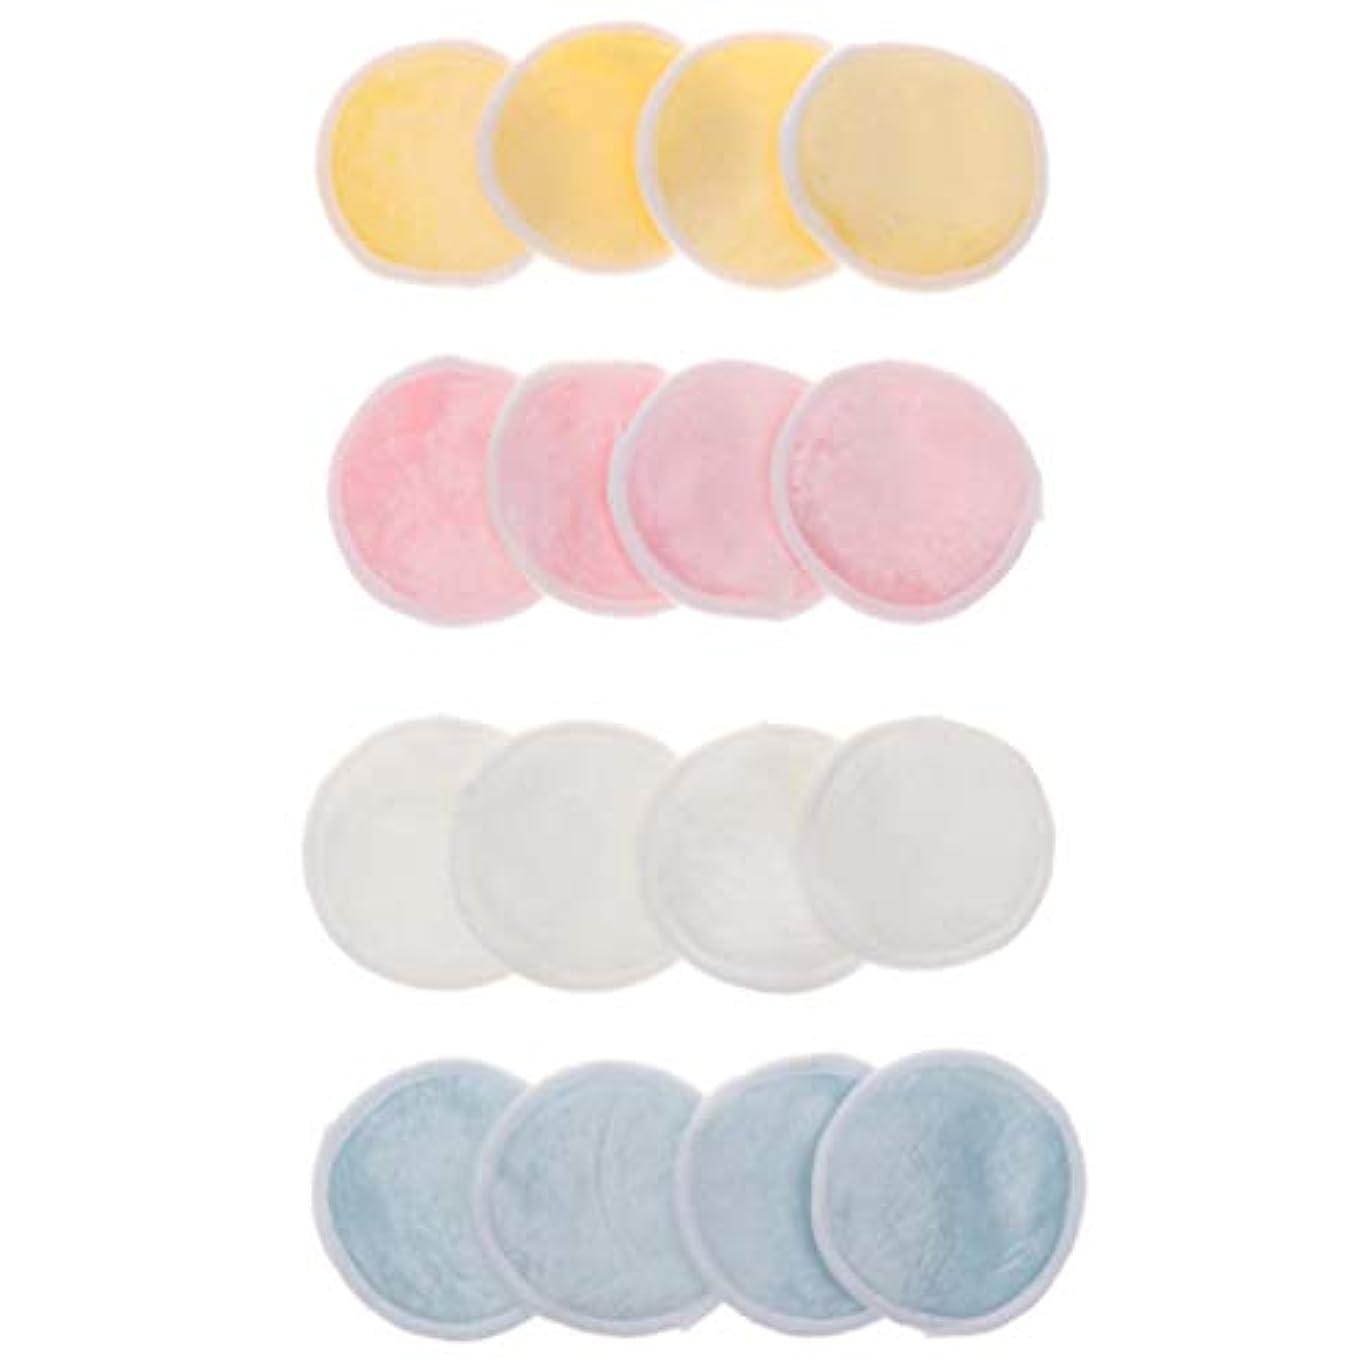 寓話台無しに虹クレンジングシート 化粧落としパッド メイク落としコットン 再使用可 化粧用 持ち運びに便利 16個入